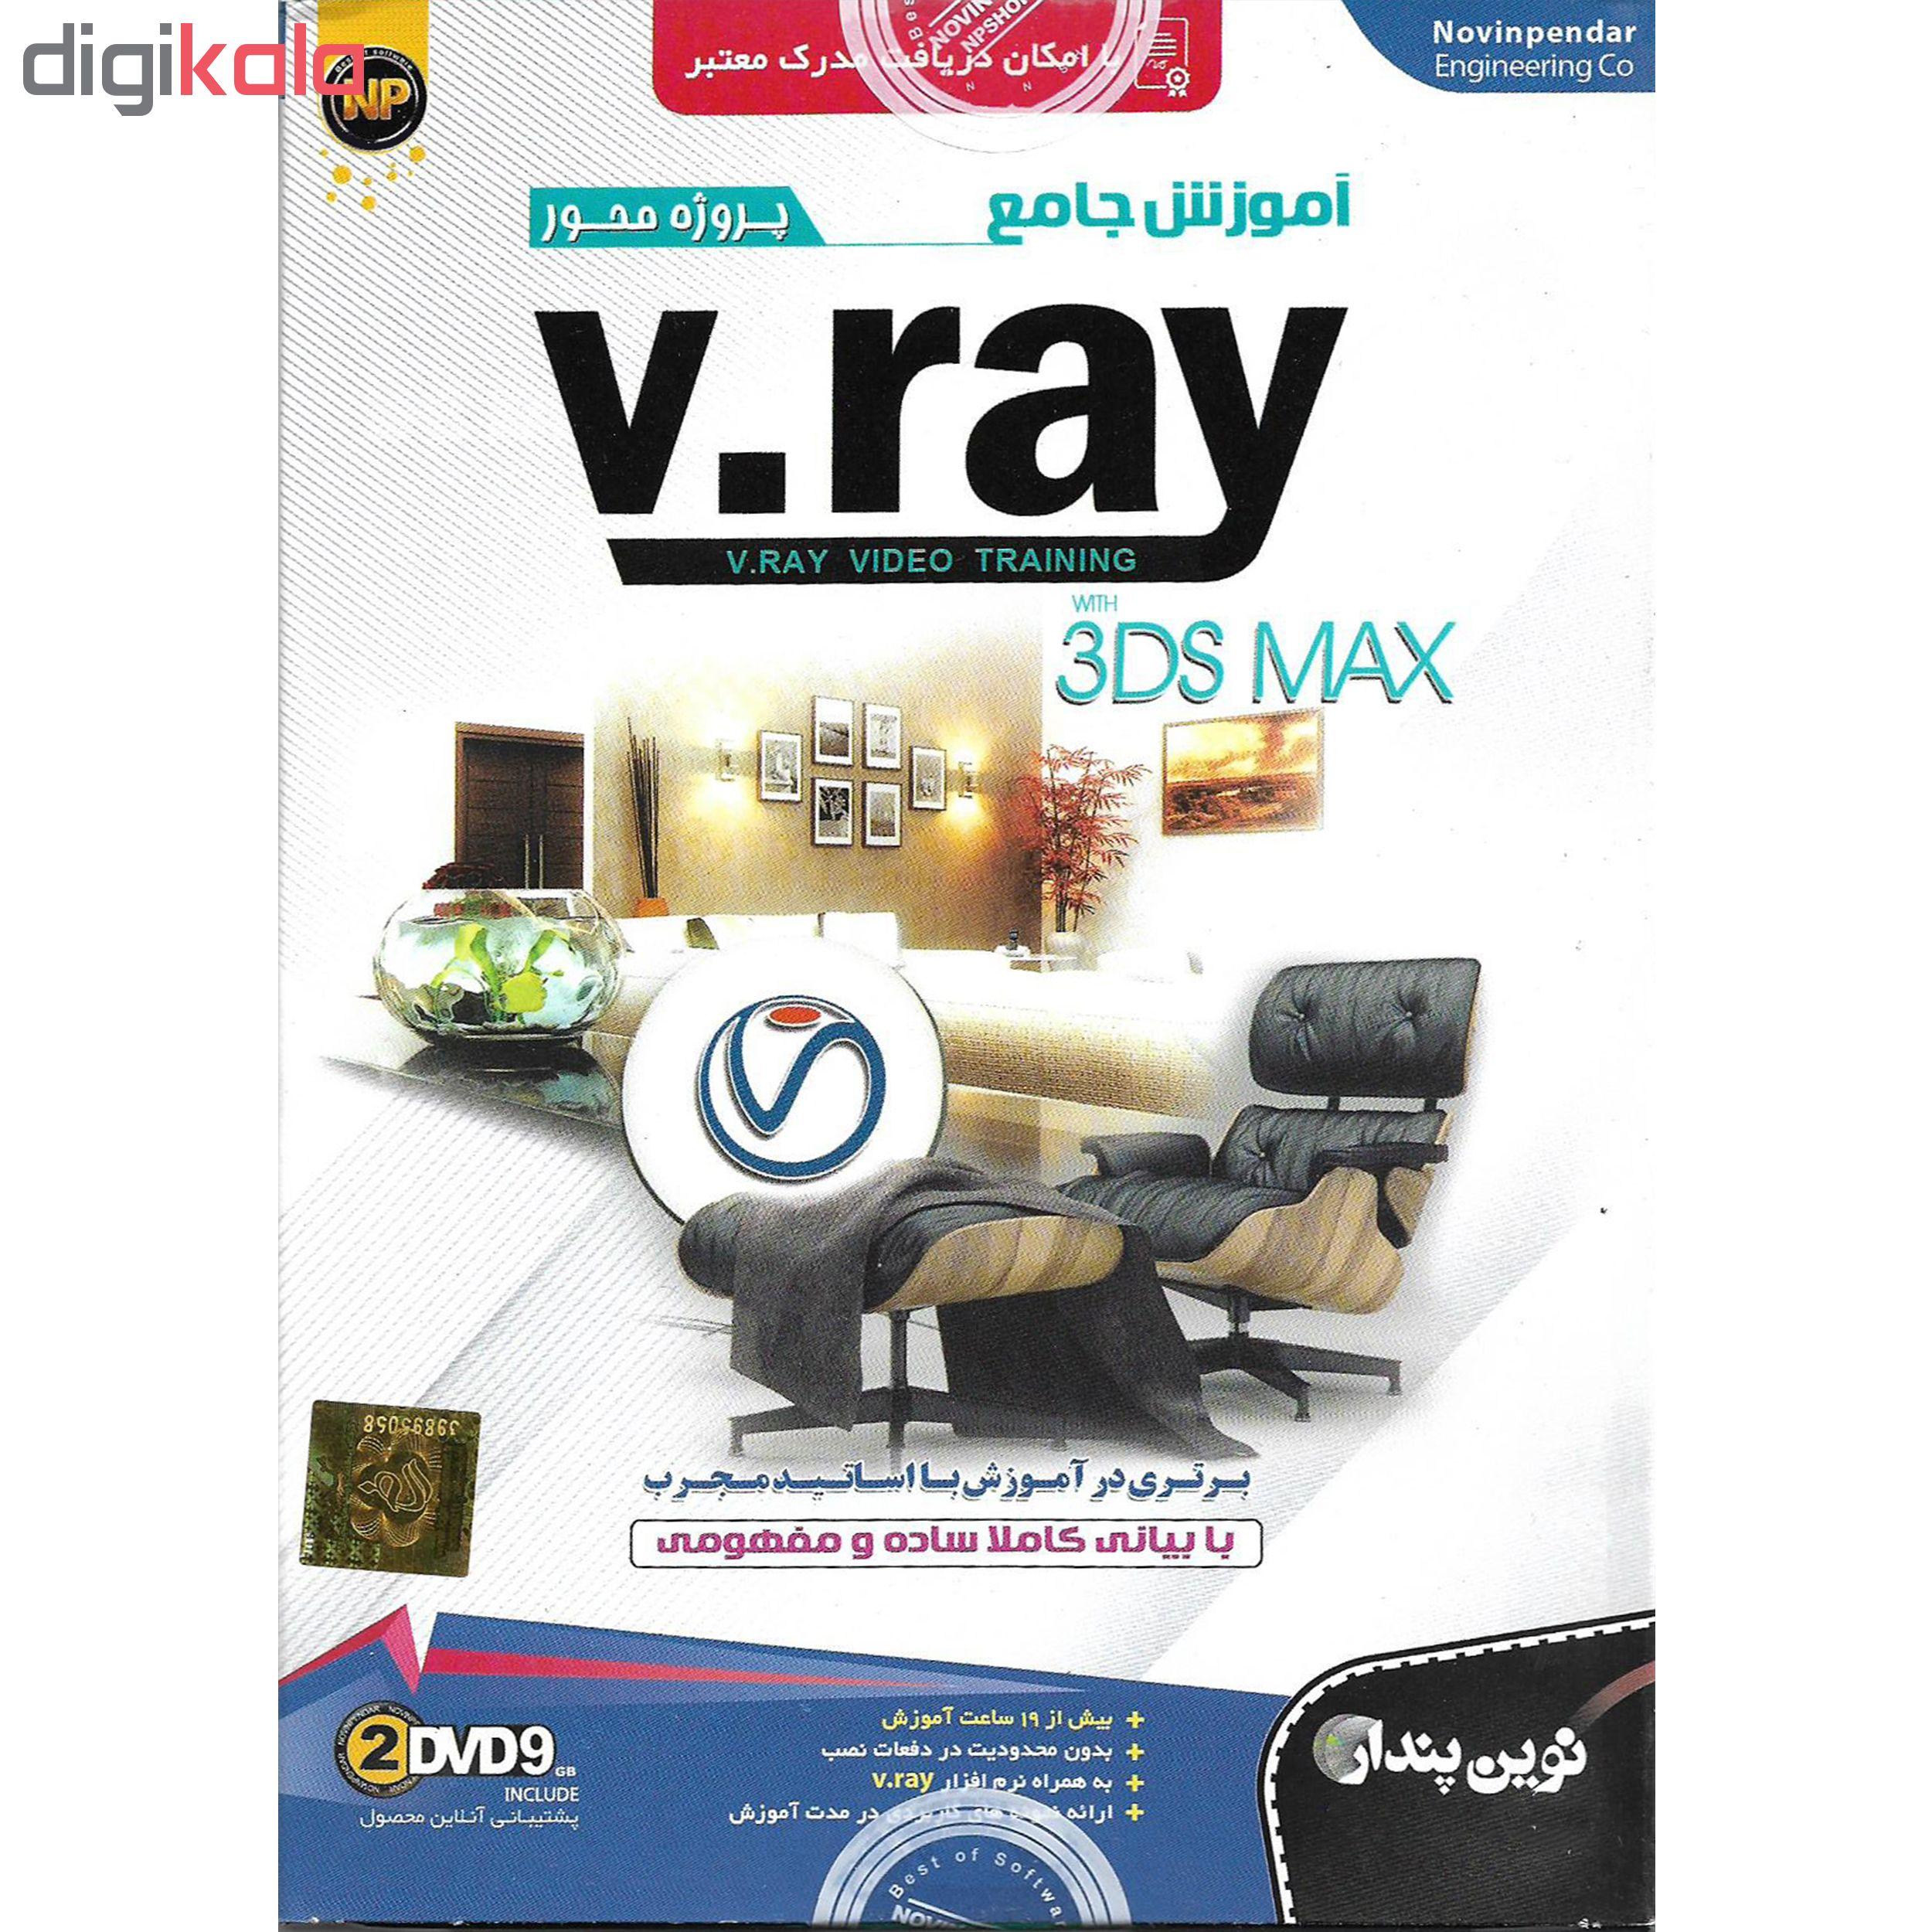 نرم افزار آموزش جامع پروژه محور VRAY with 3DS MAX نشر نوین پندار